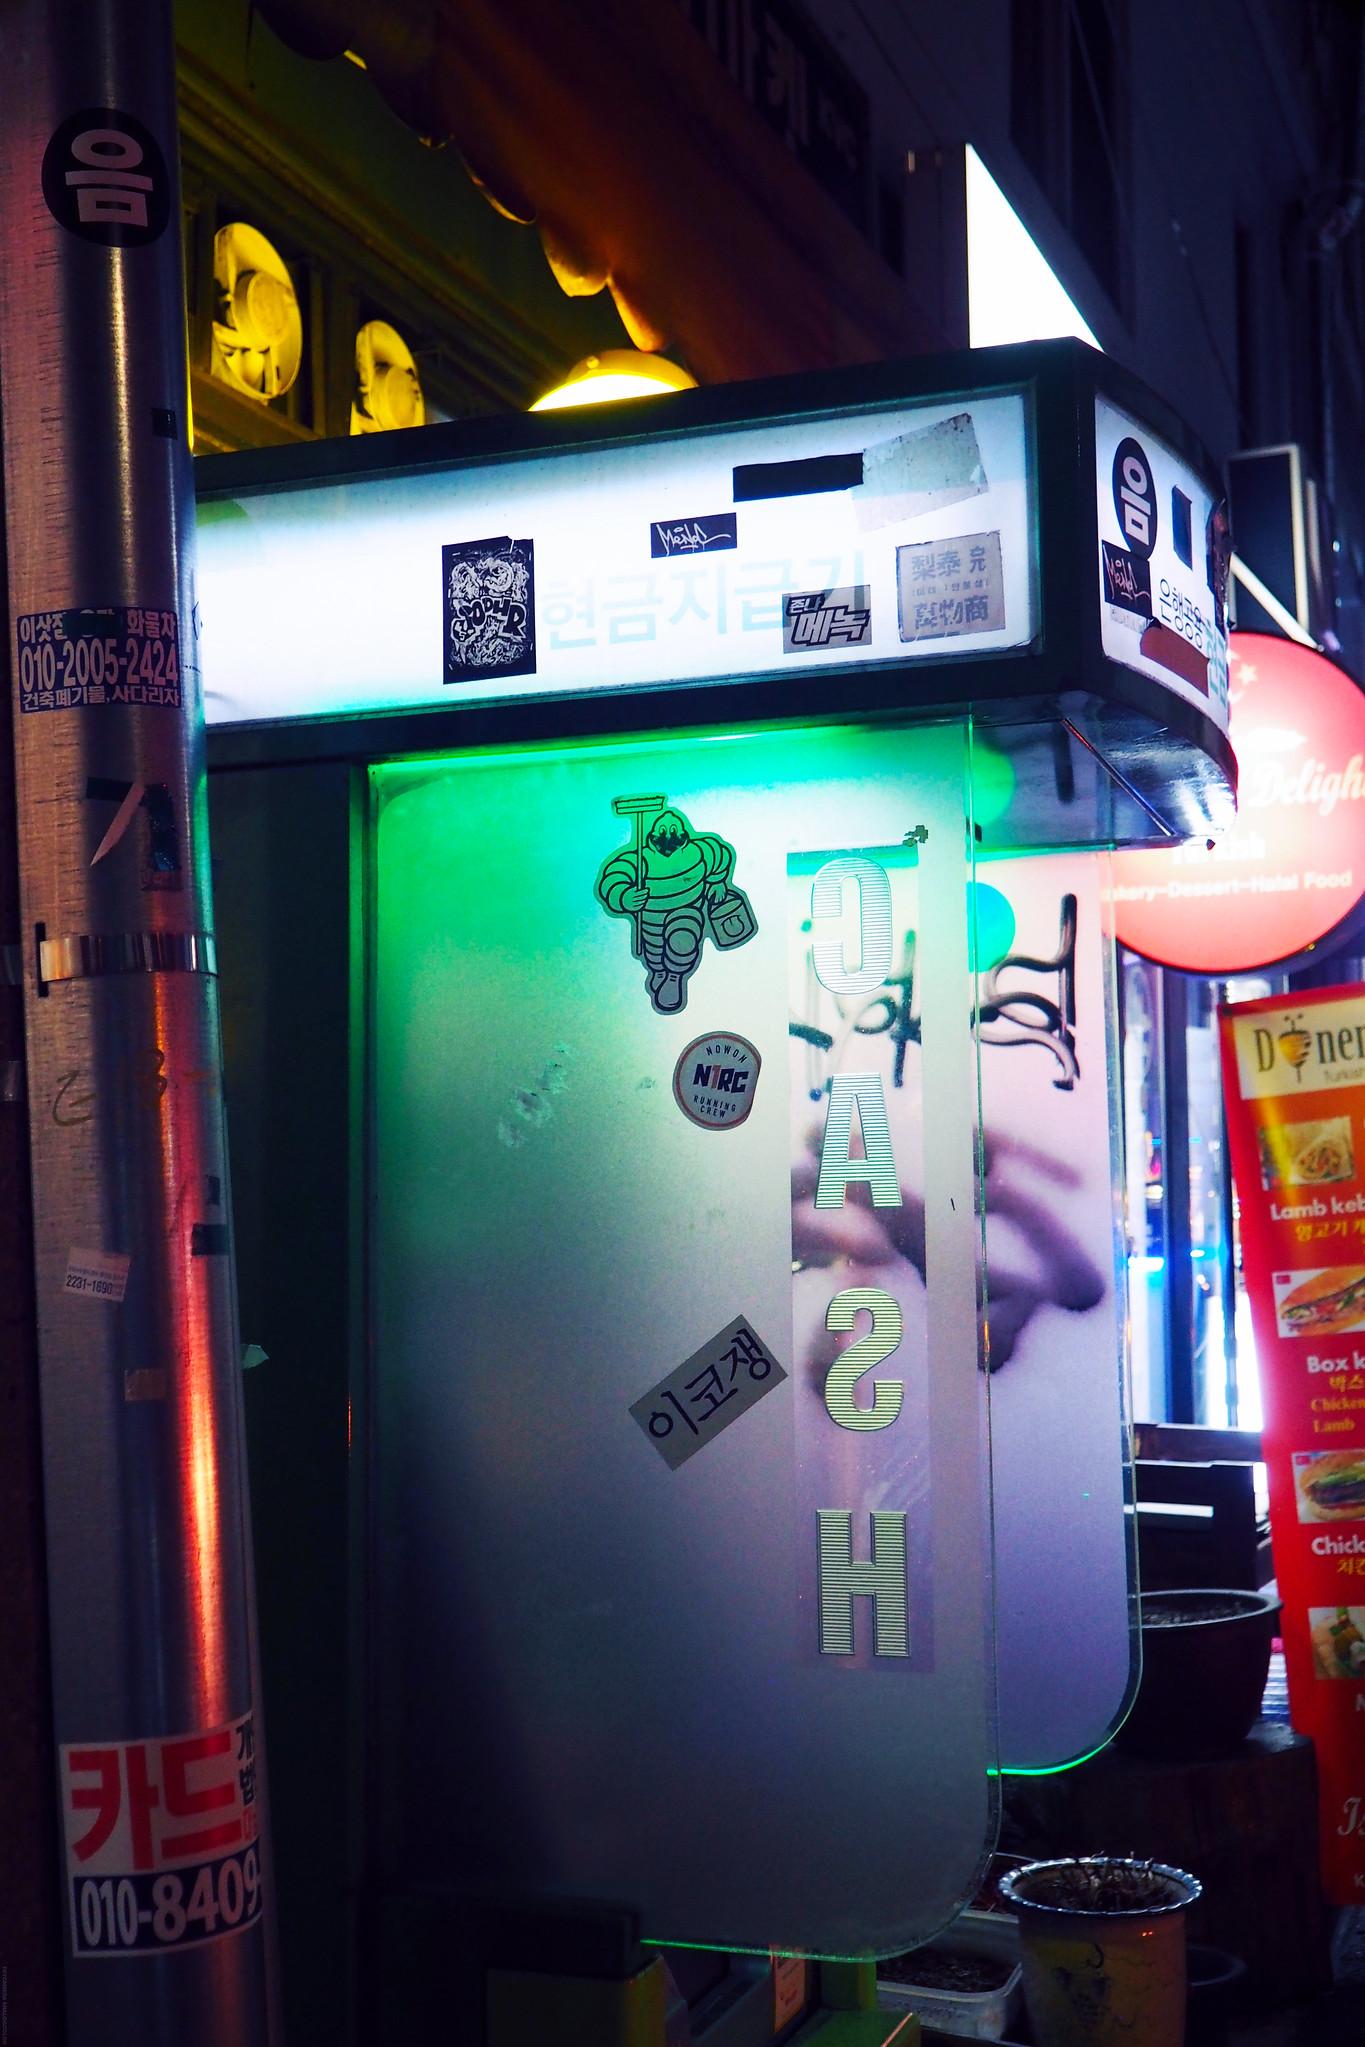 ATM Seoul South Korea Itaewon